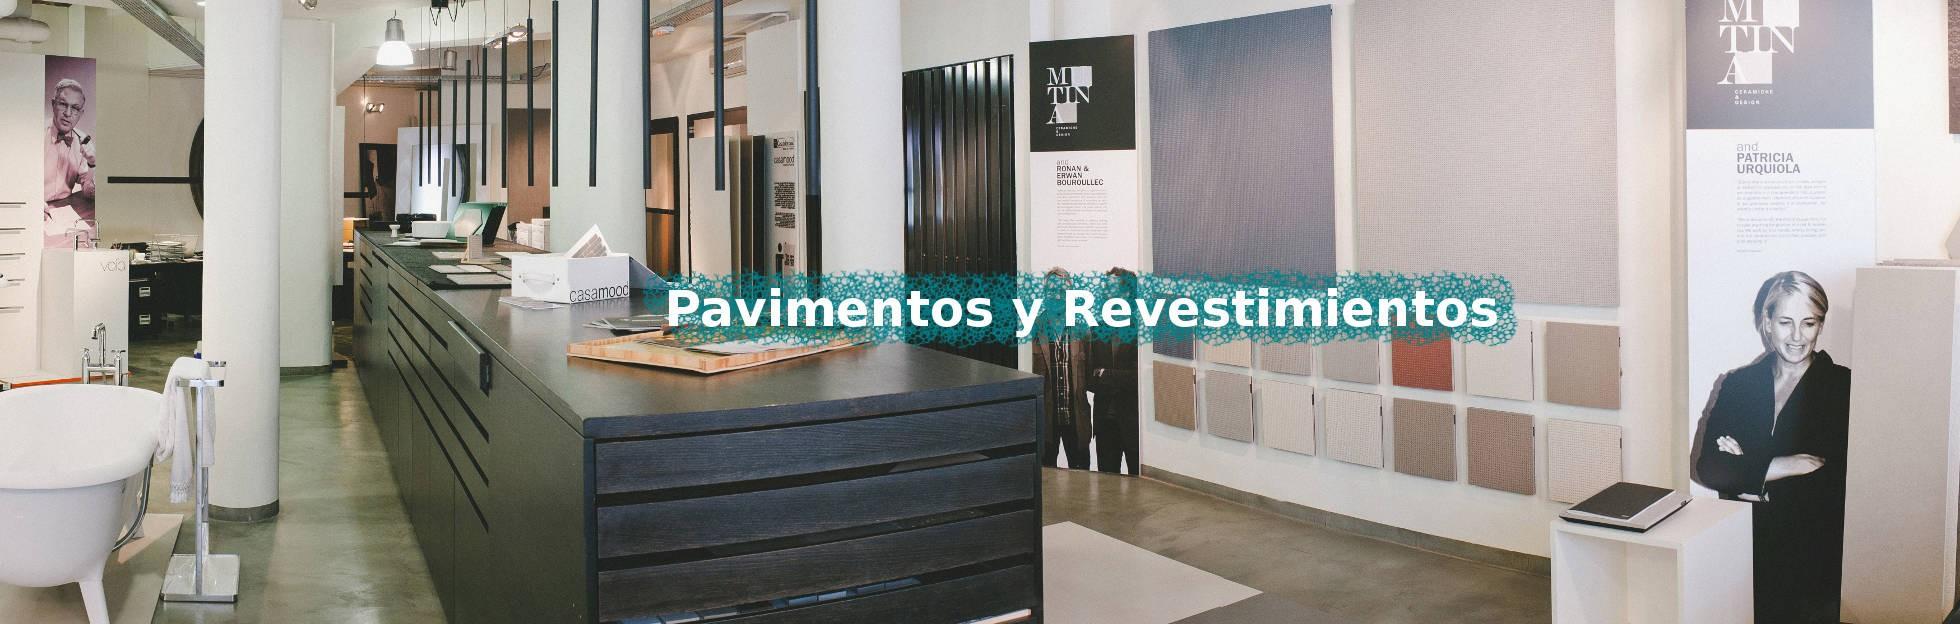 tienda de pavimentos y revestimientos barcelona